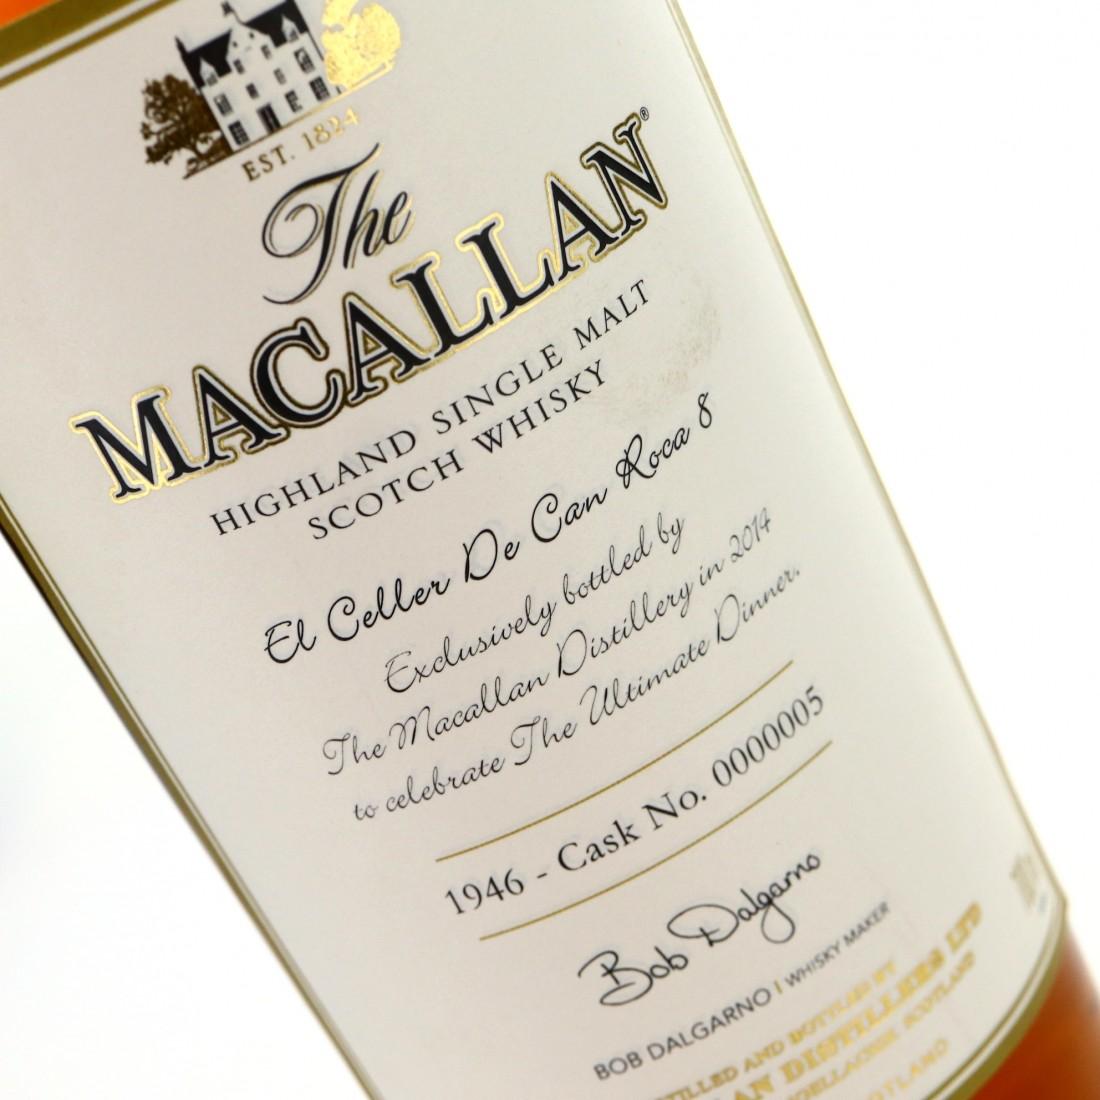 Macallan 1946 The Ultimate Dinner Single Cask #5 / El Celler de Can Roca 8